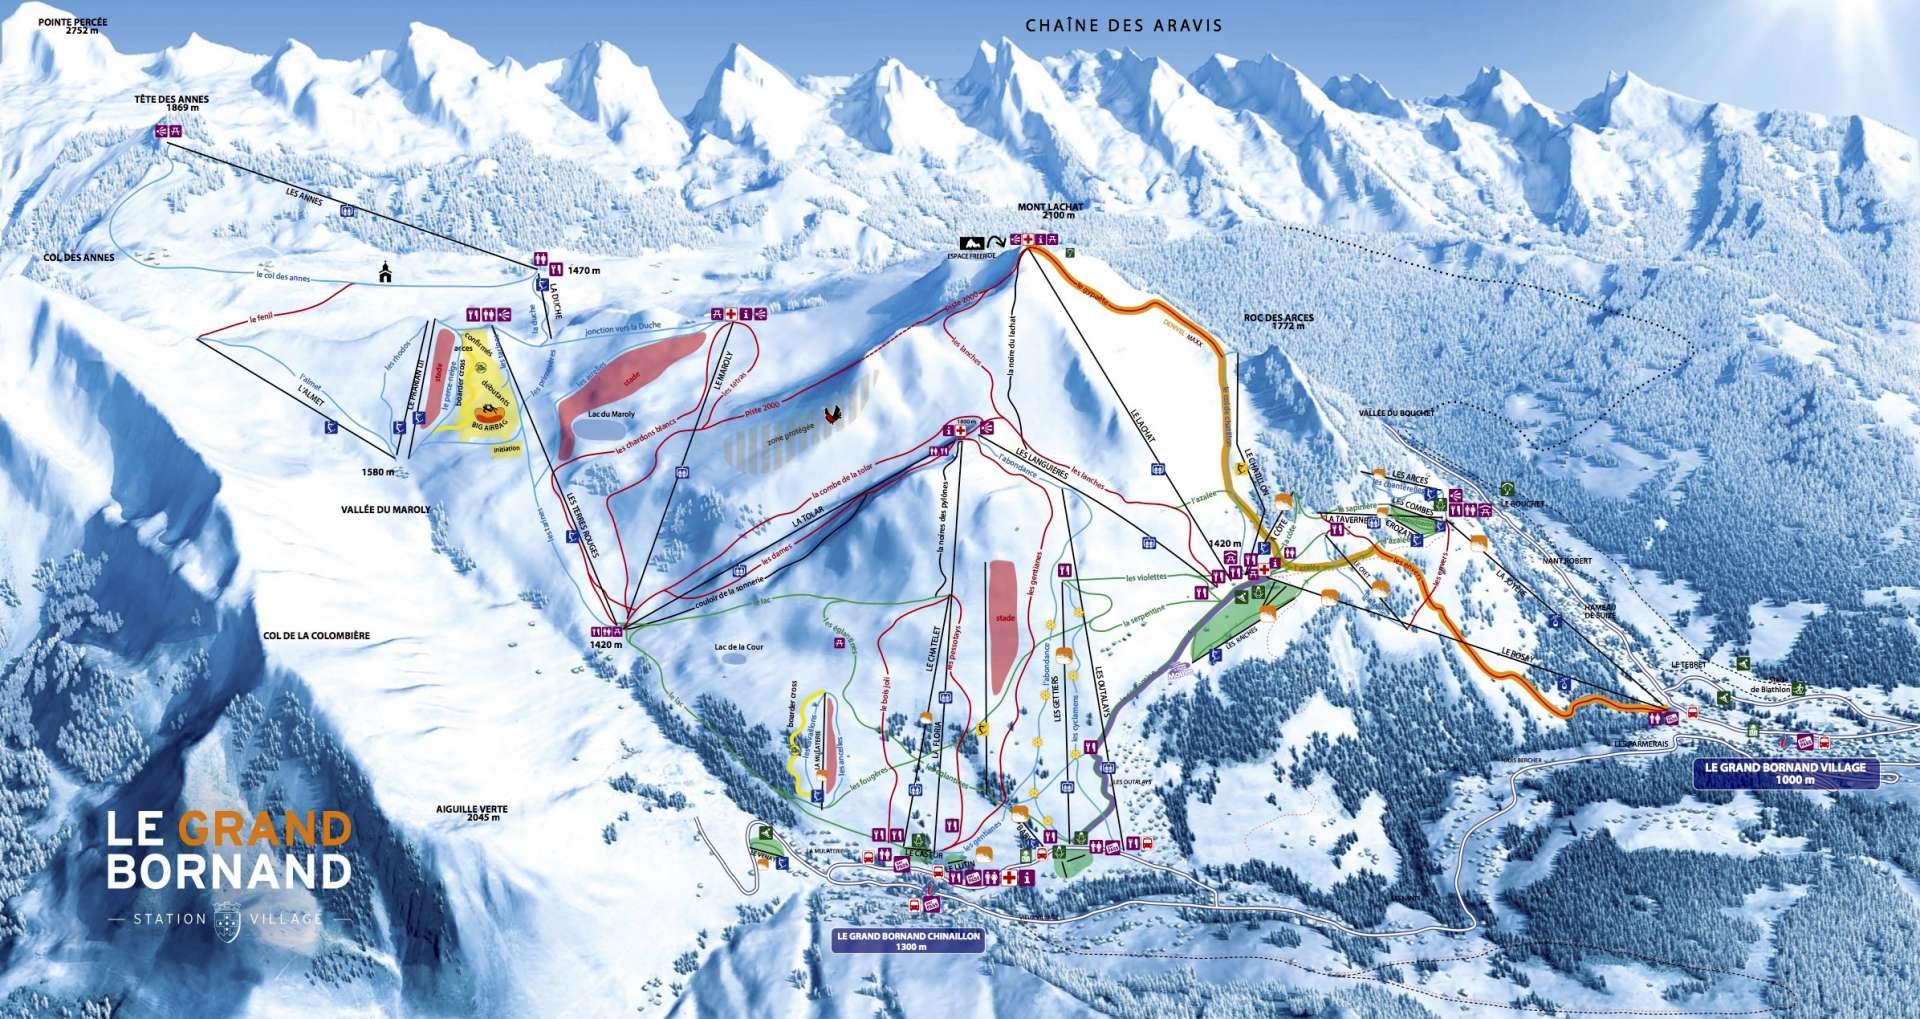 plan-des-pistes-du-domaine-skiable-alpin-le-grand-bornand-1045-1310